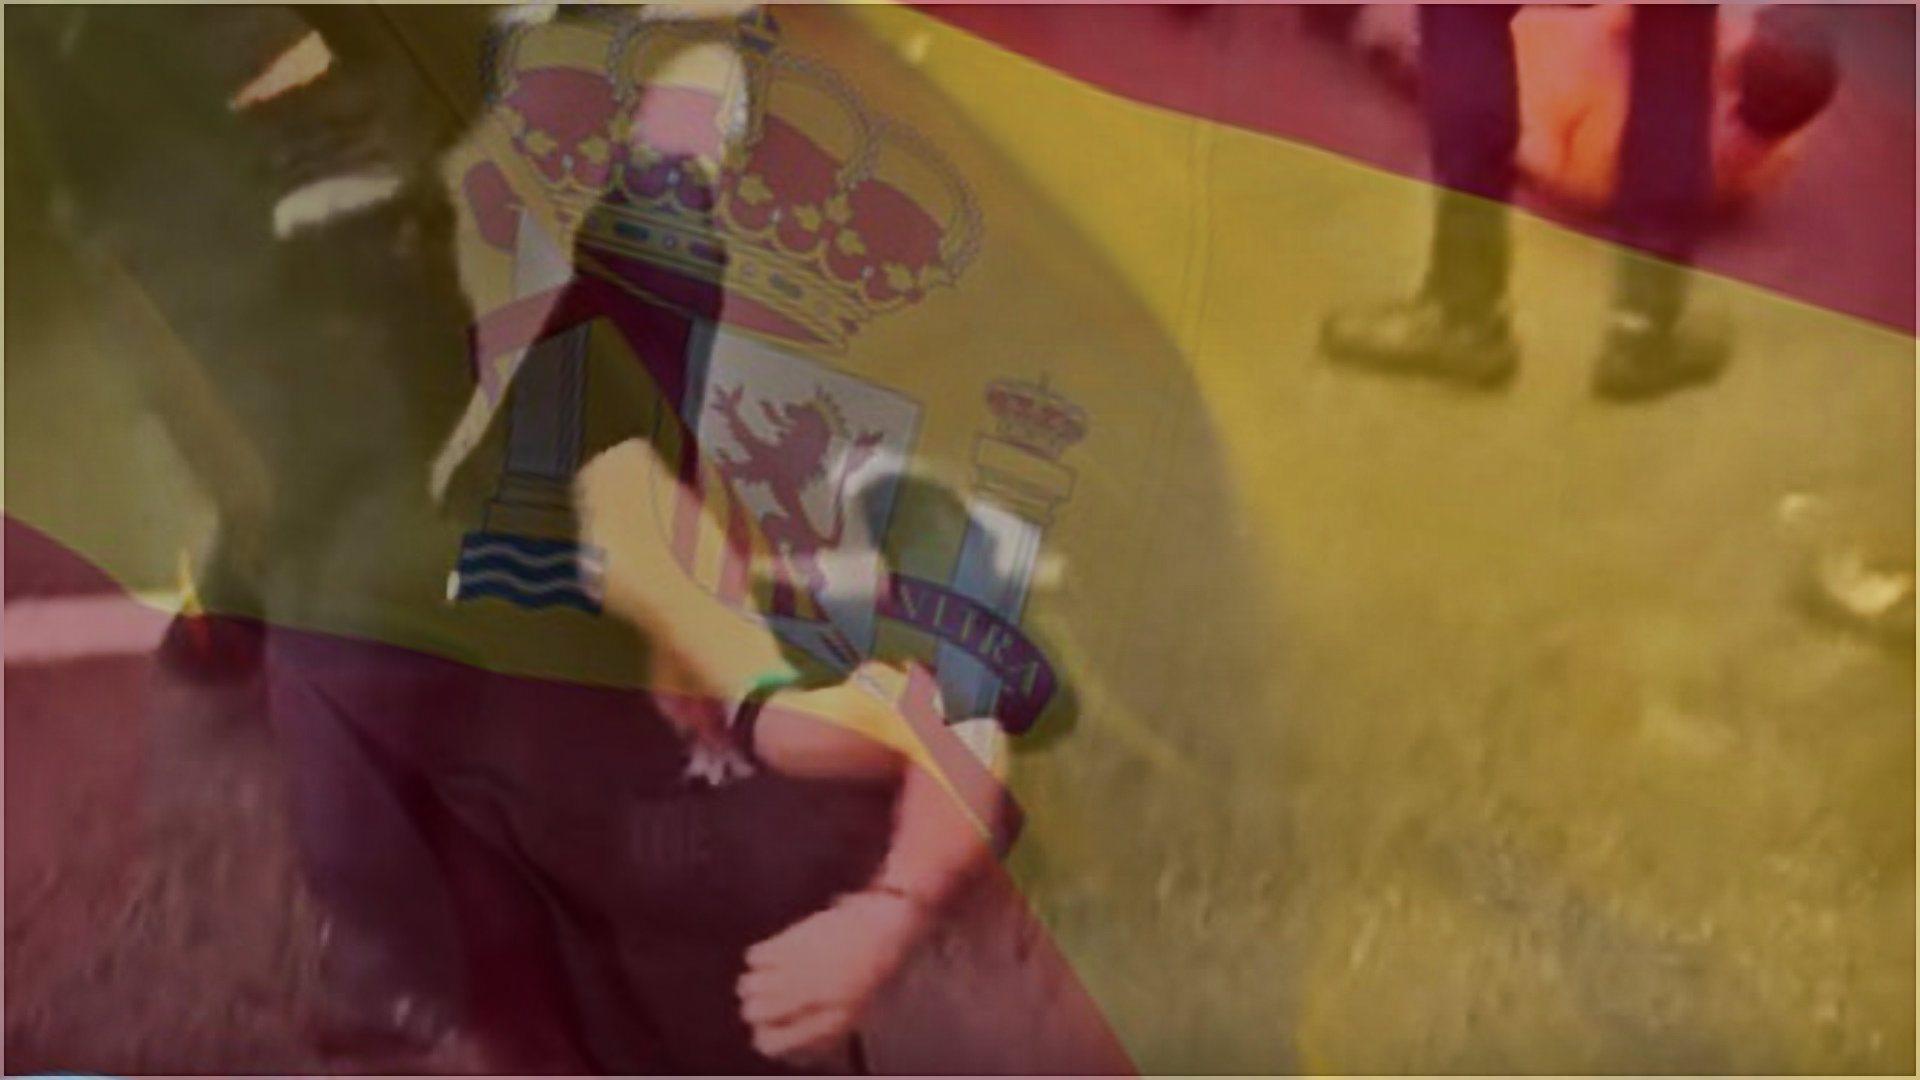 Co za zwrot! Niesamowite oświadczenie Hiszpanii ws. Katalonii, aż trudno uwierzyć